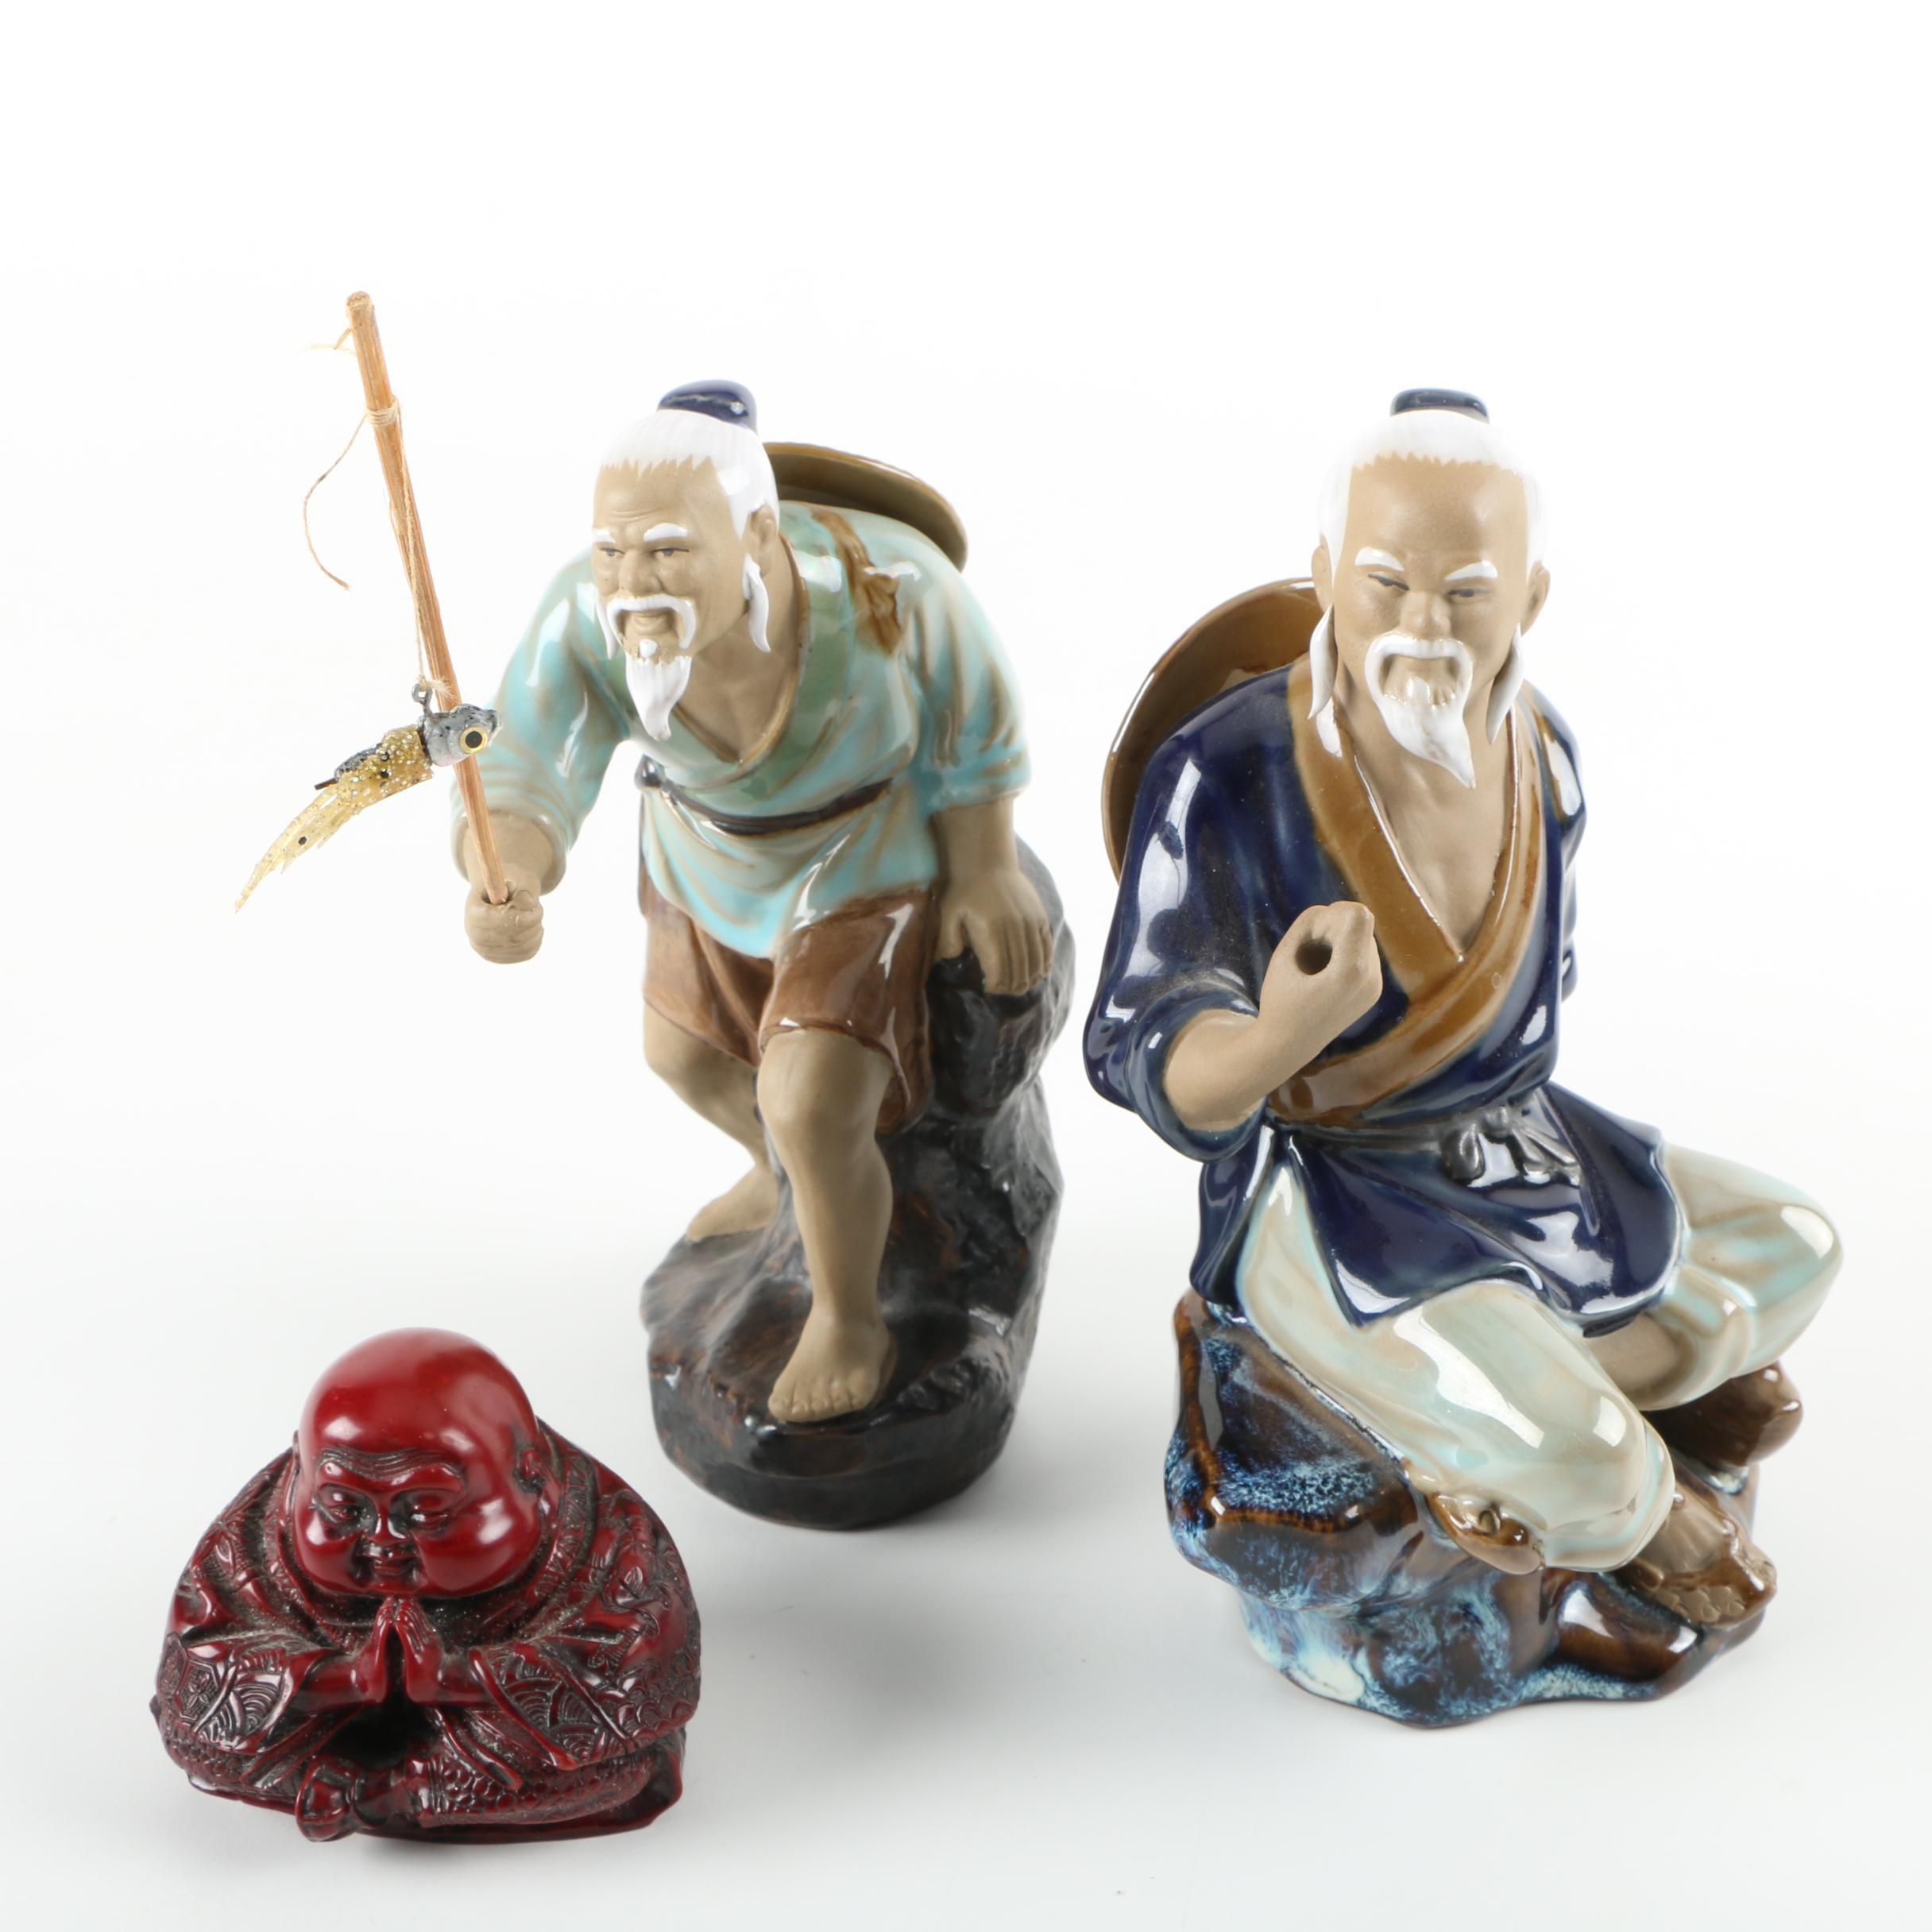 Chinese Wanjiang Fishermen and Resin Buddha Figurine